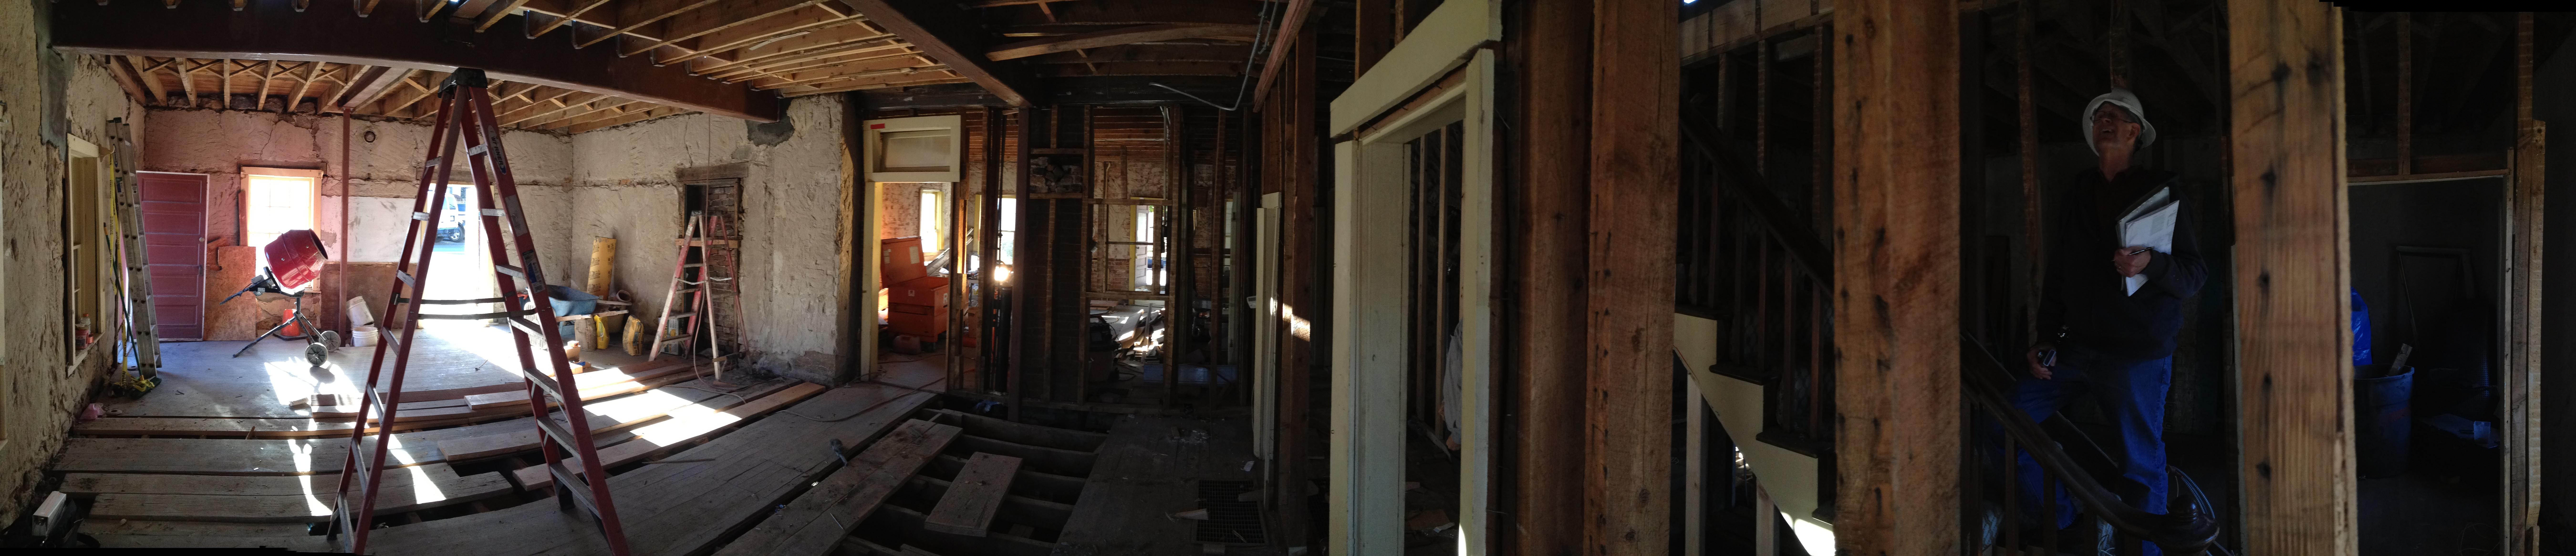 Astor House Historic Rehabilitation